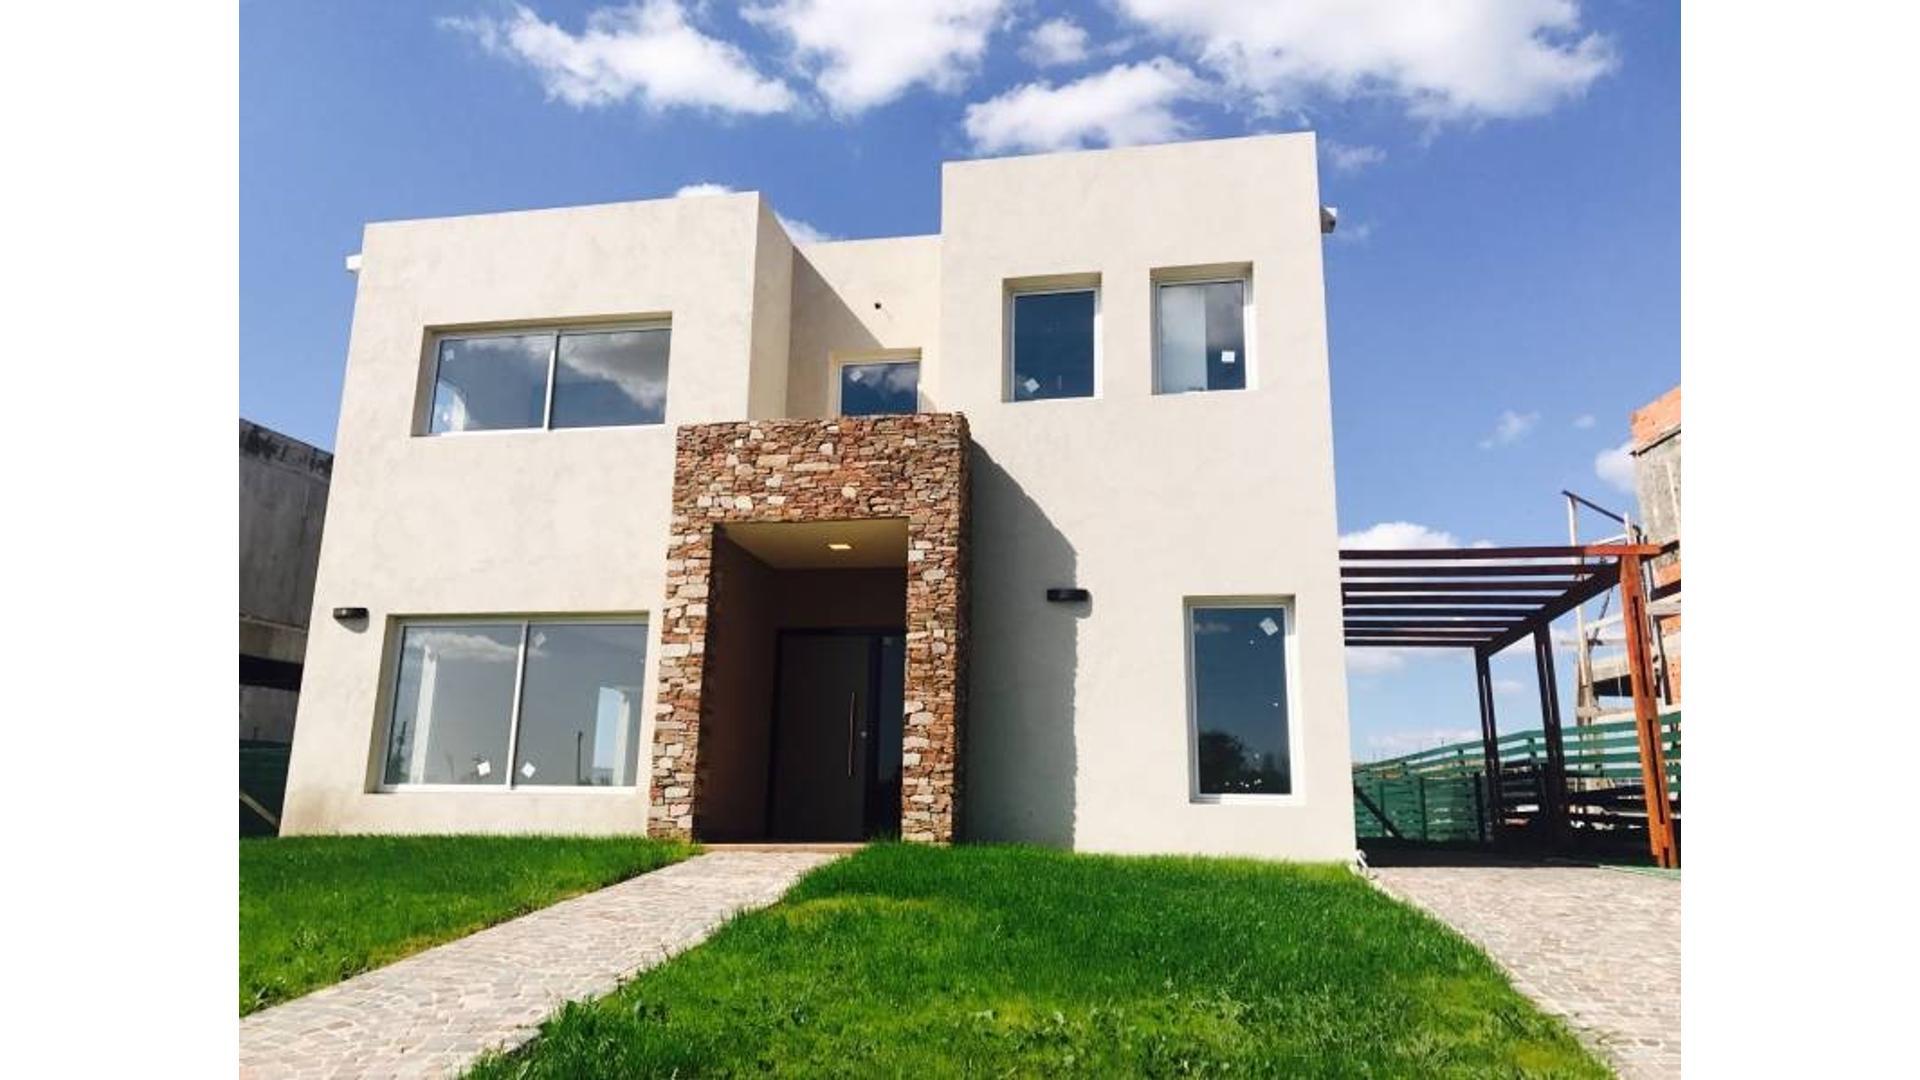 NORDELTA | CASA A LA VENTA: Excelente casa para la familia tipo!